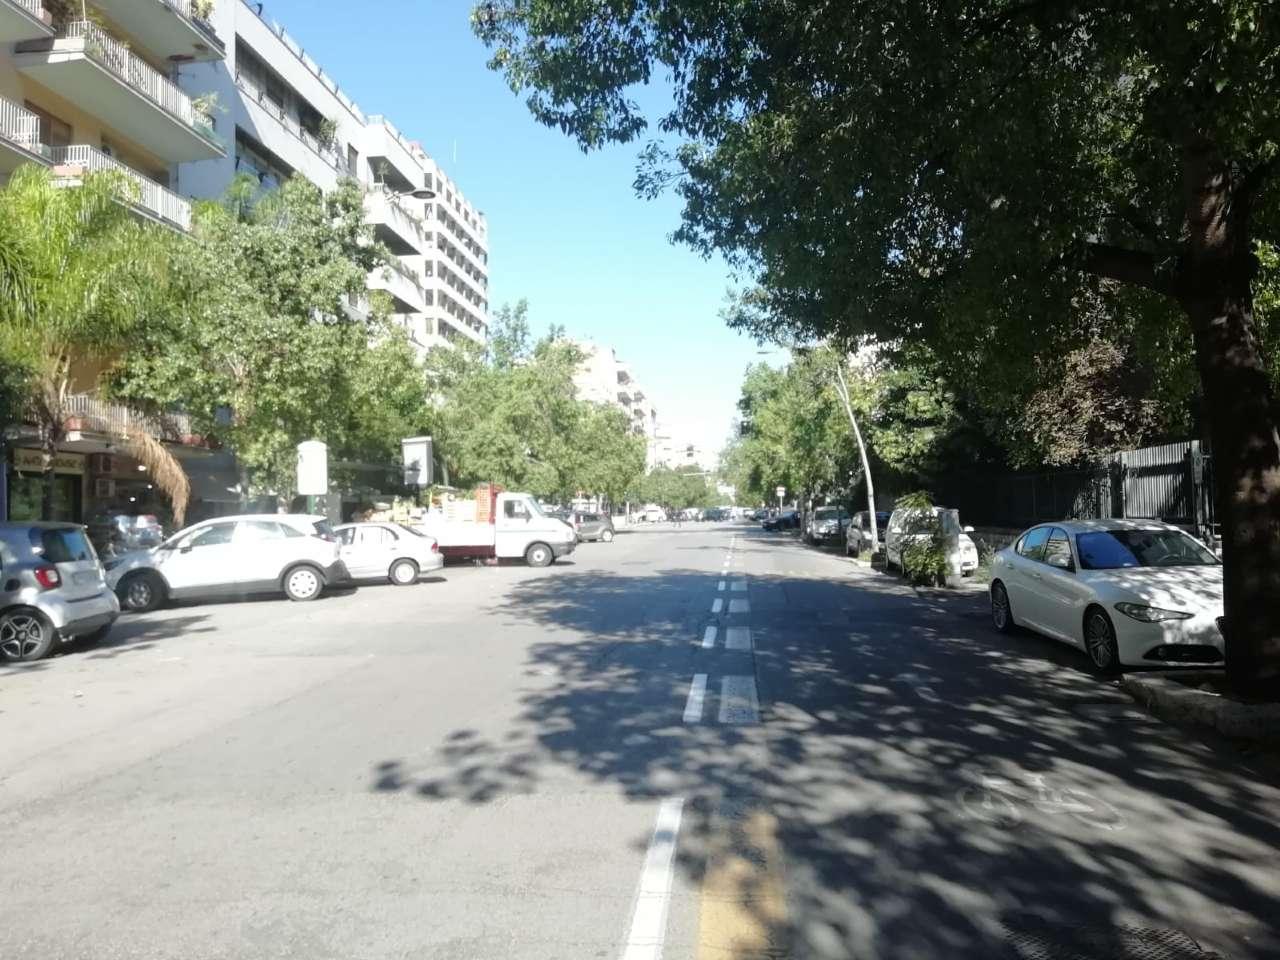 Negozio-locale in Affitto a Palermo:  3 locali, 40 mq  - Foto 1